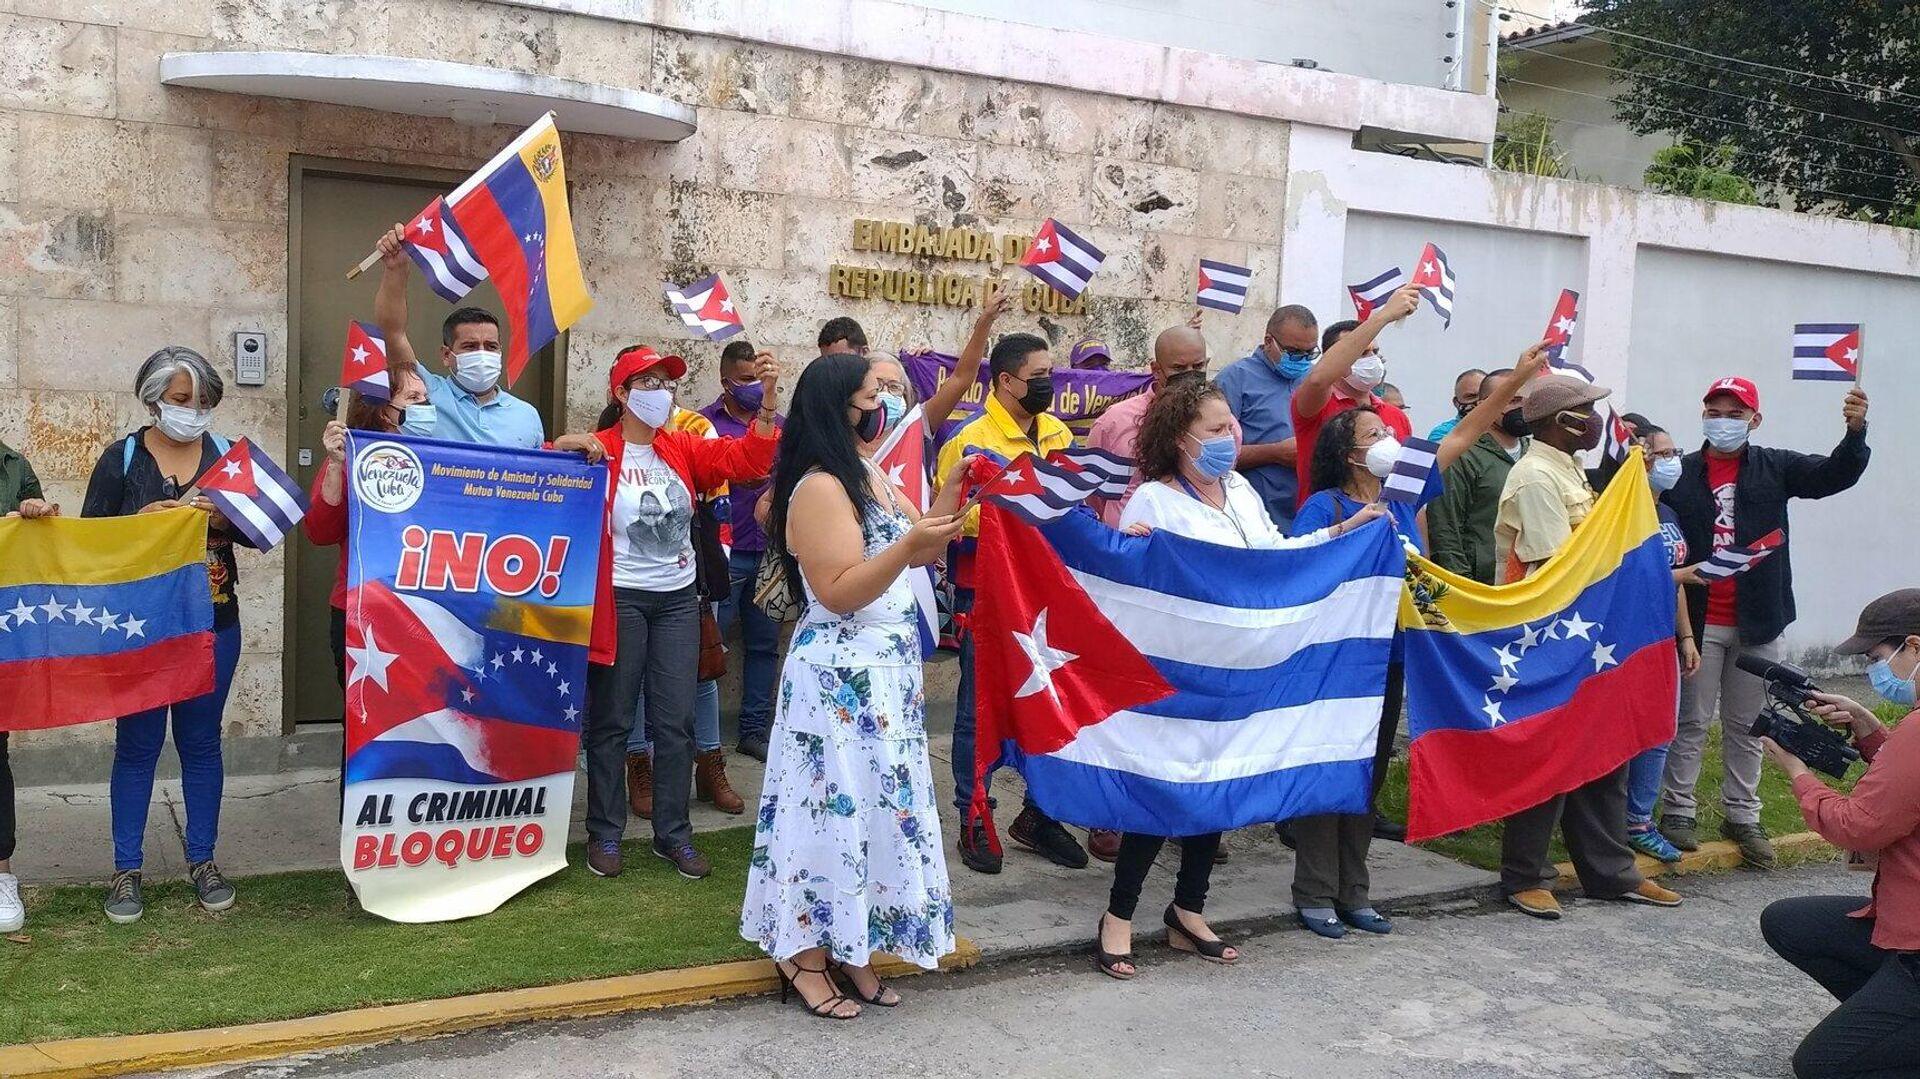 El gobernante Partido Socialista de Venezuela se moviliza en solidaridad con Cuba  - Sputnik Mundo, 1920, 12.07.2021